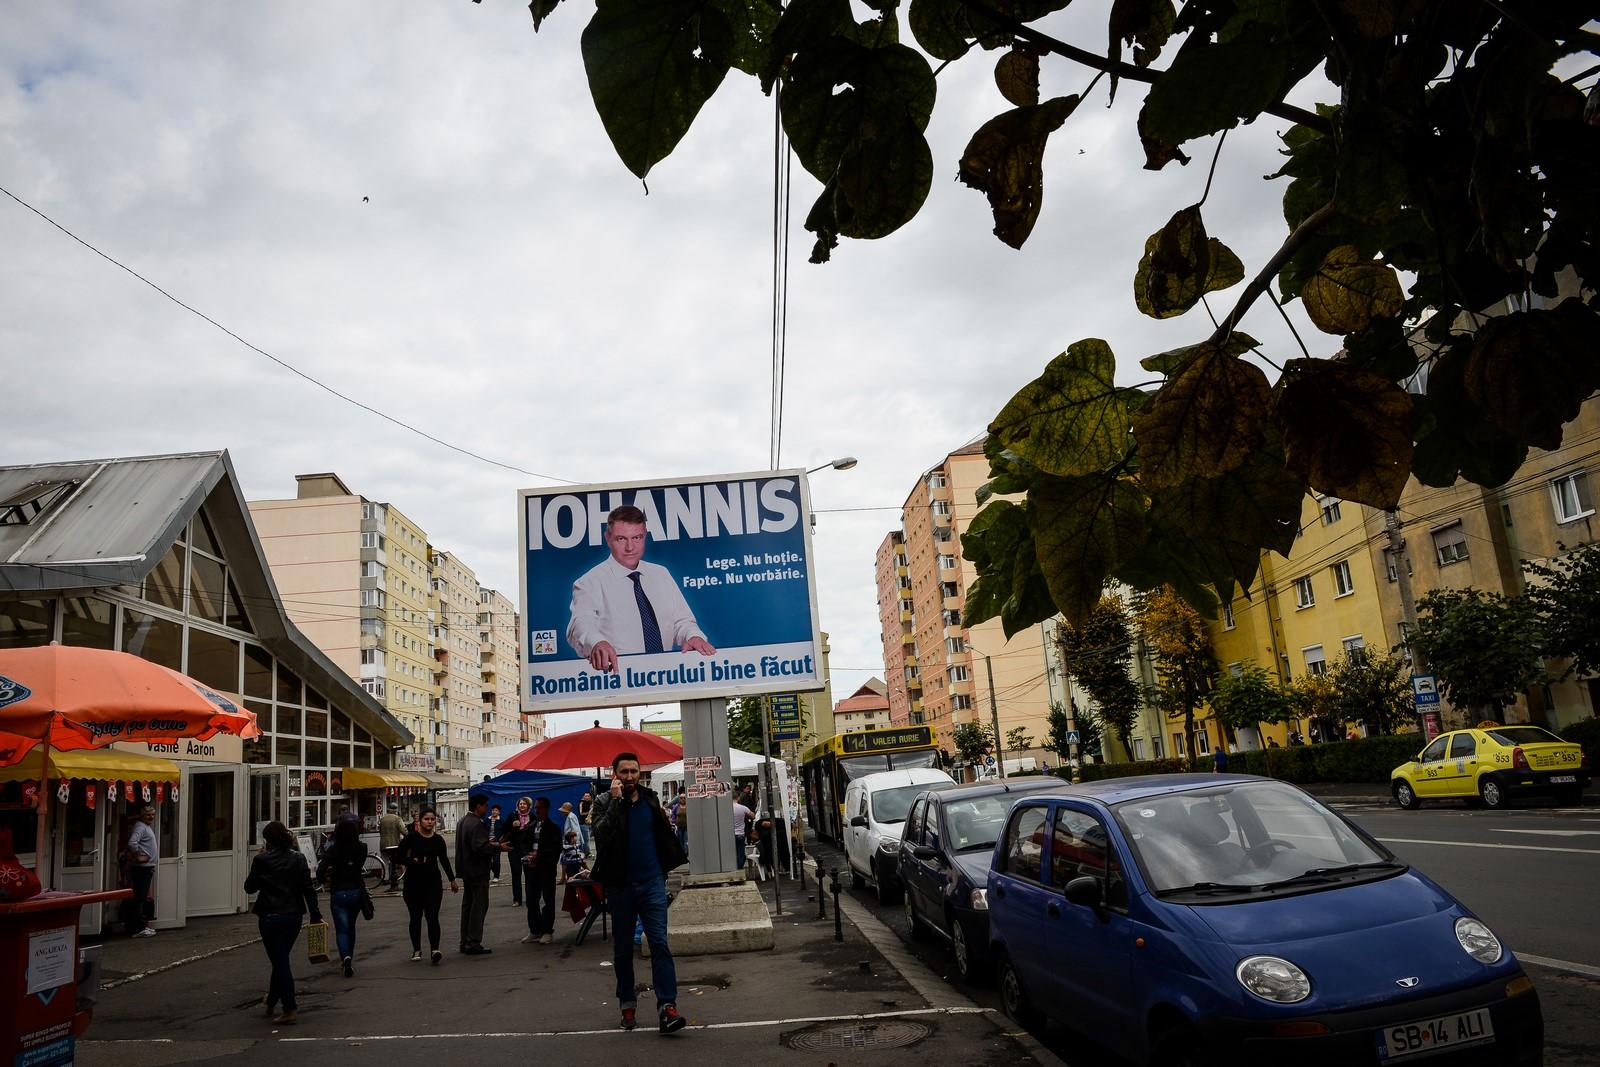 AEP: Publicitatea stradală, liberă în afara campaniei electorale